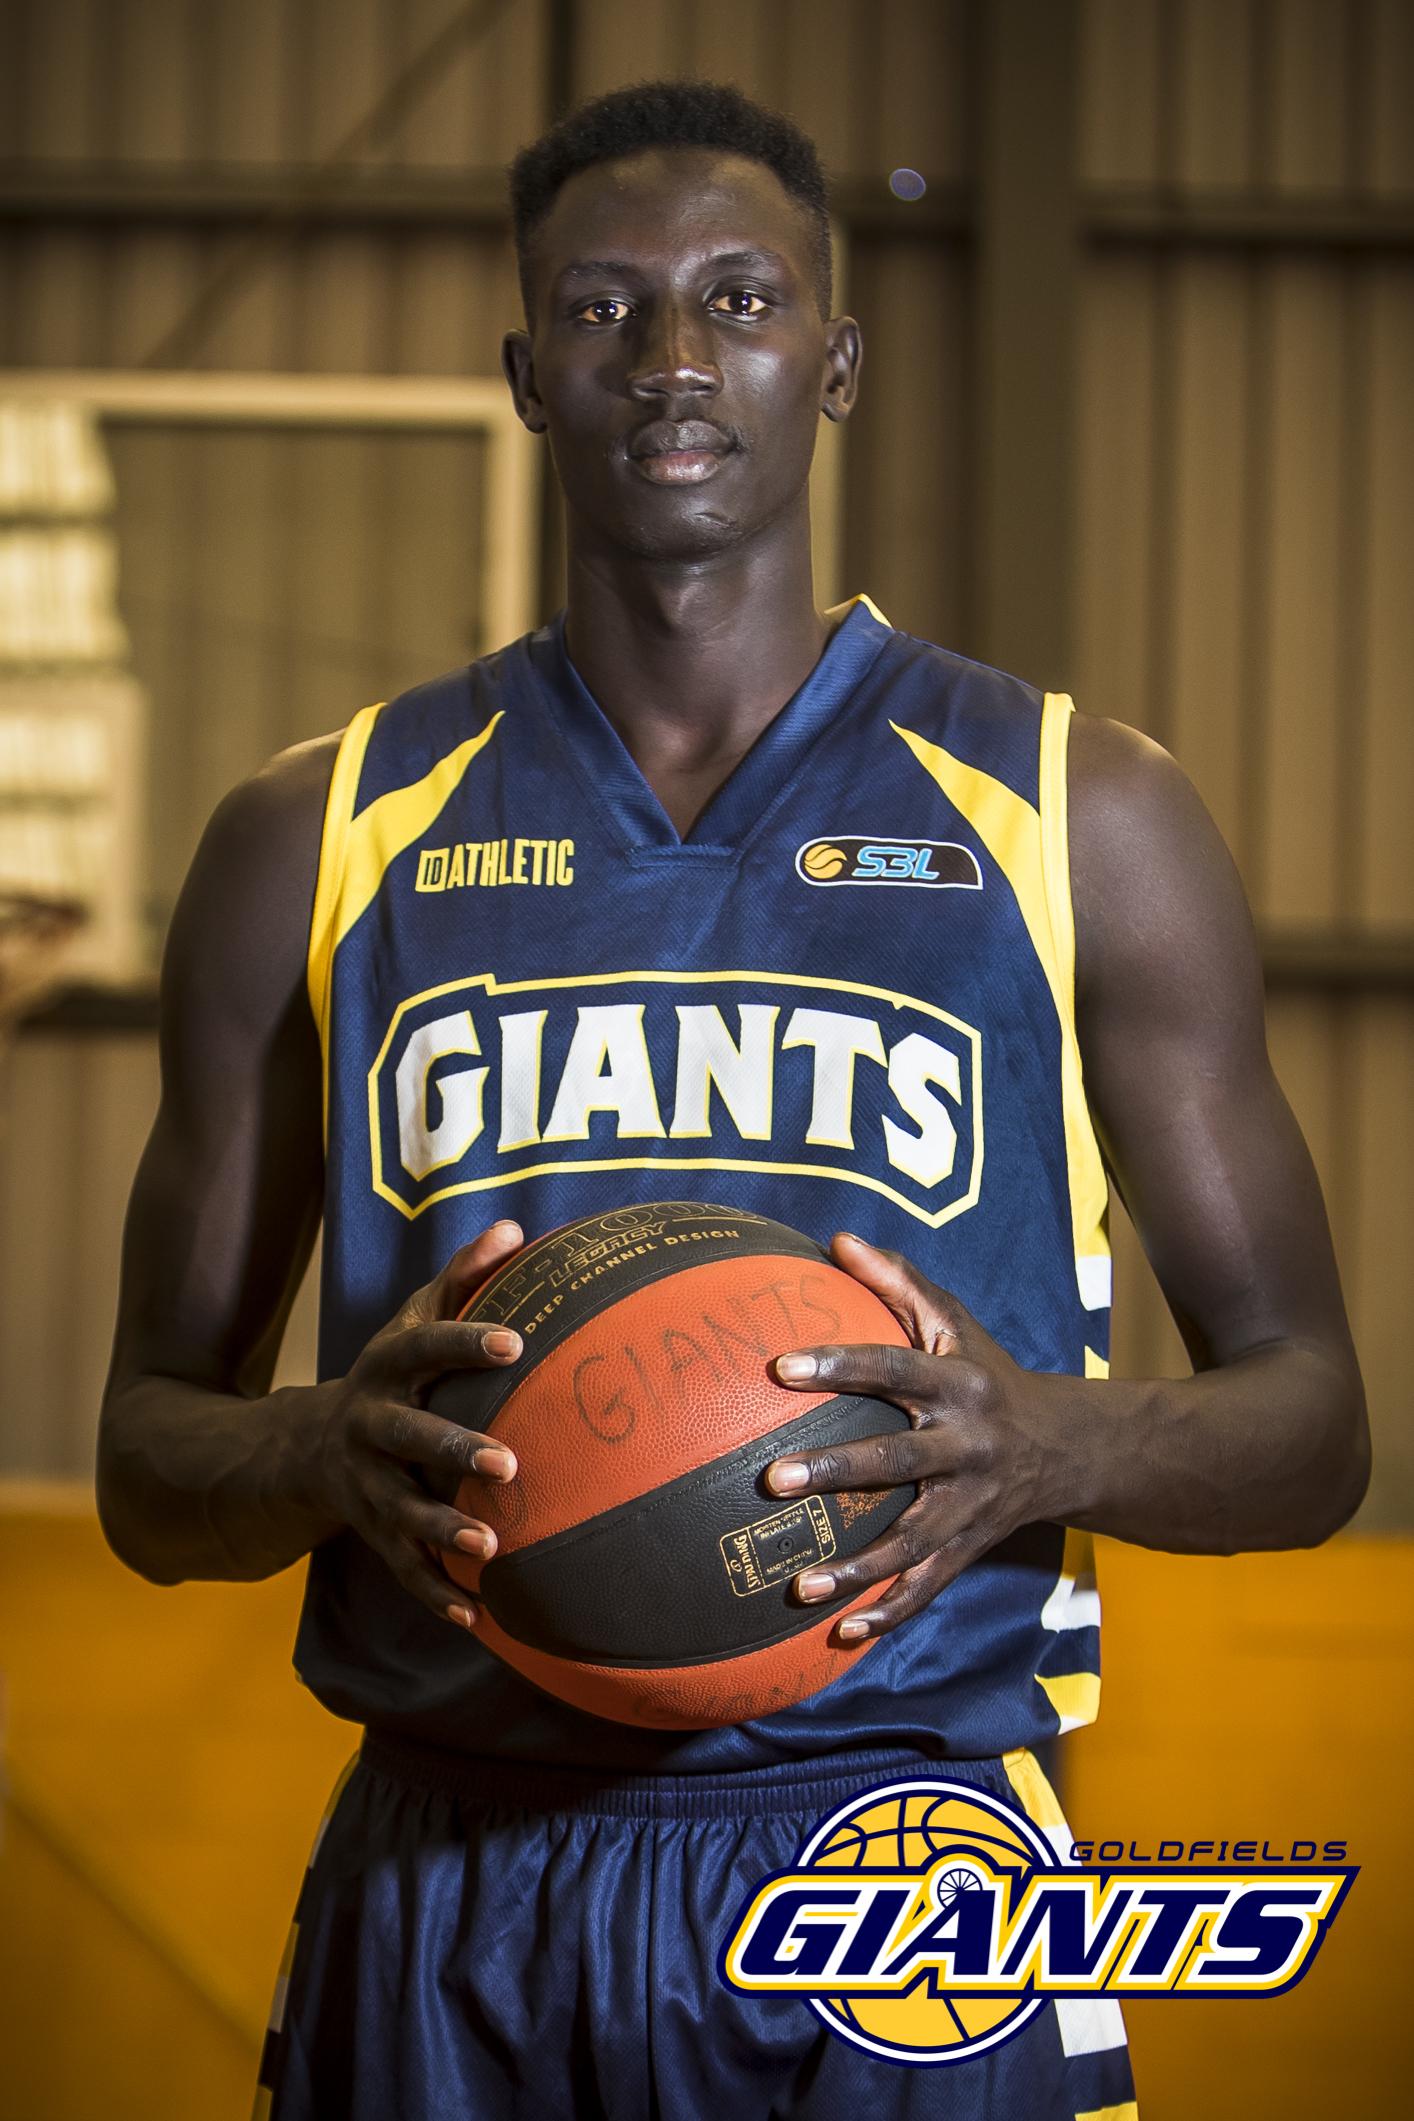 Goldfields Giants player Manylok Malek.